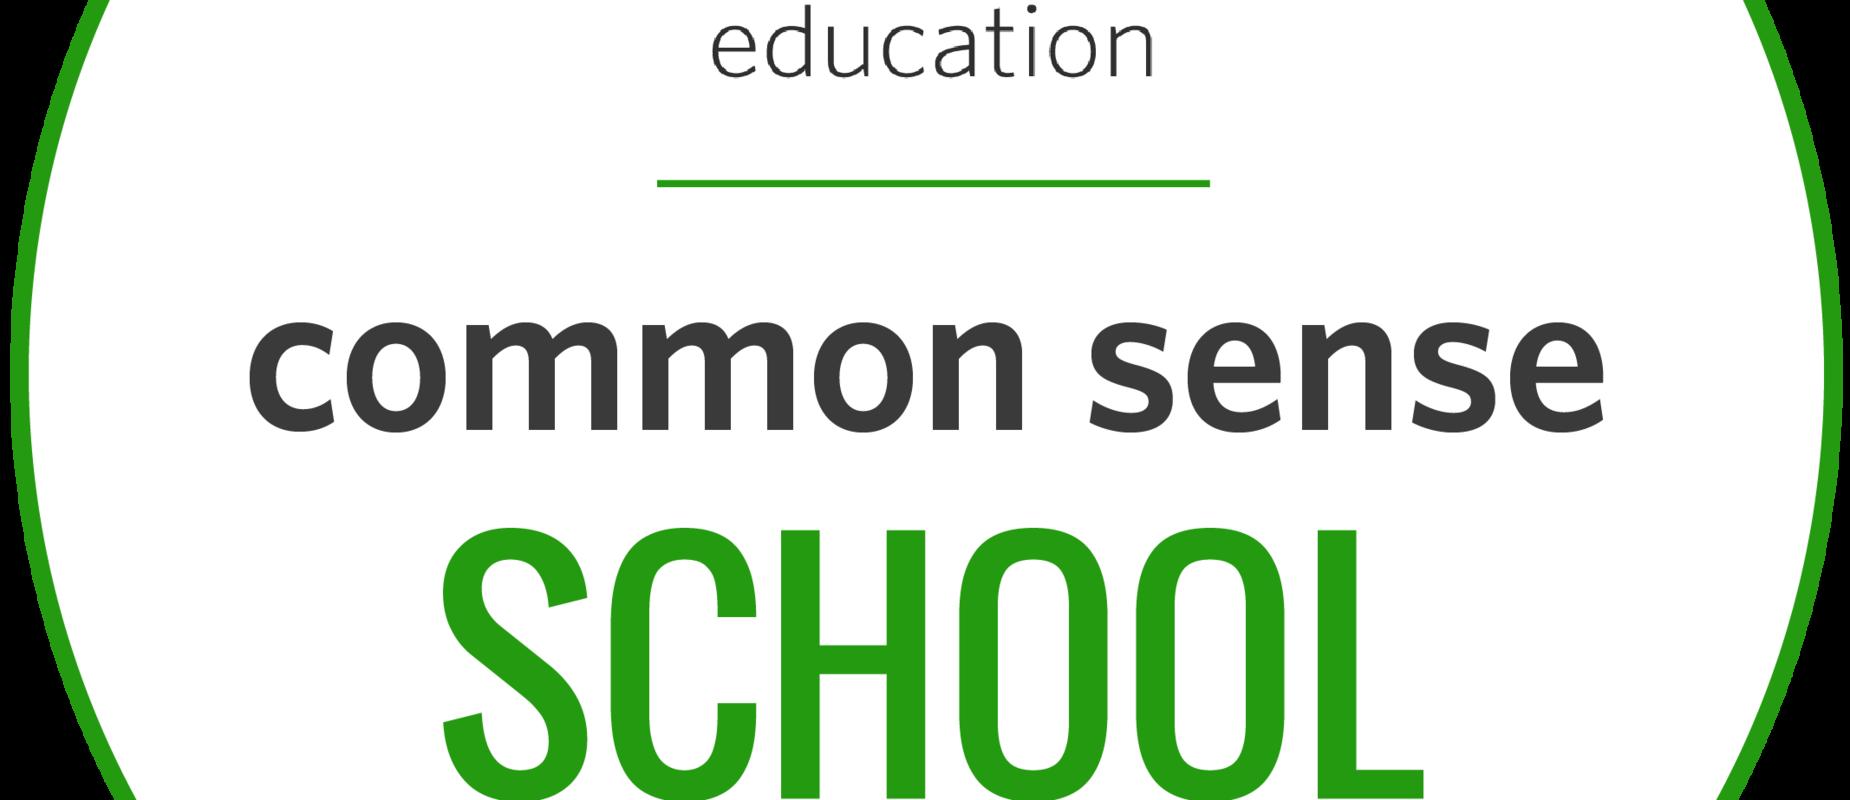 Common Sense Education School Recognition